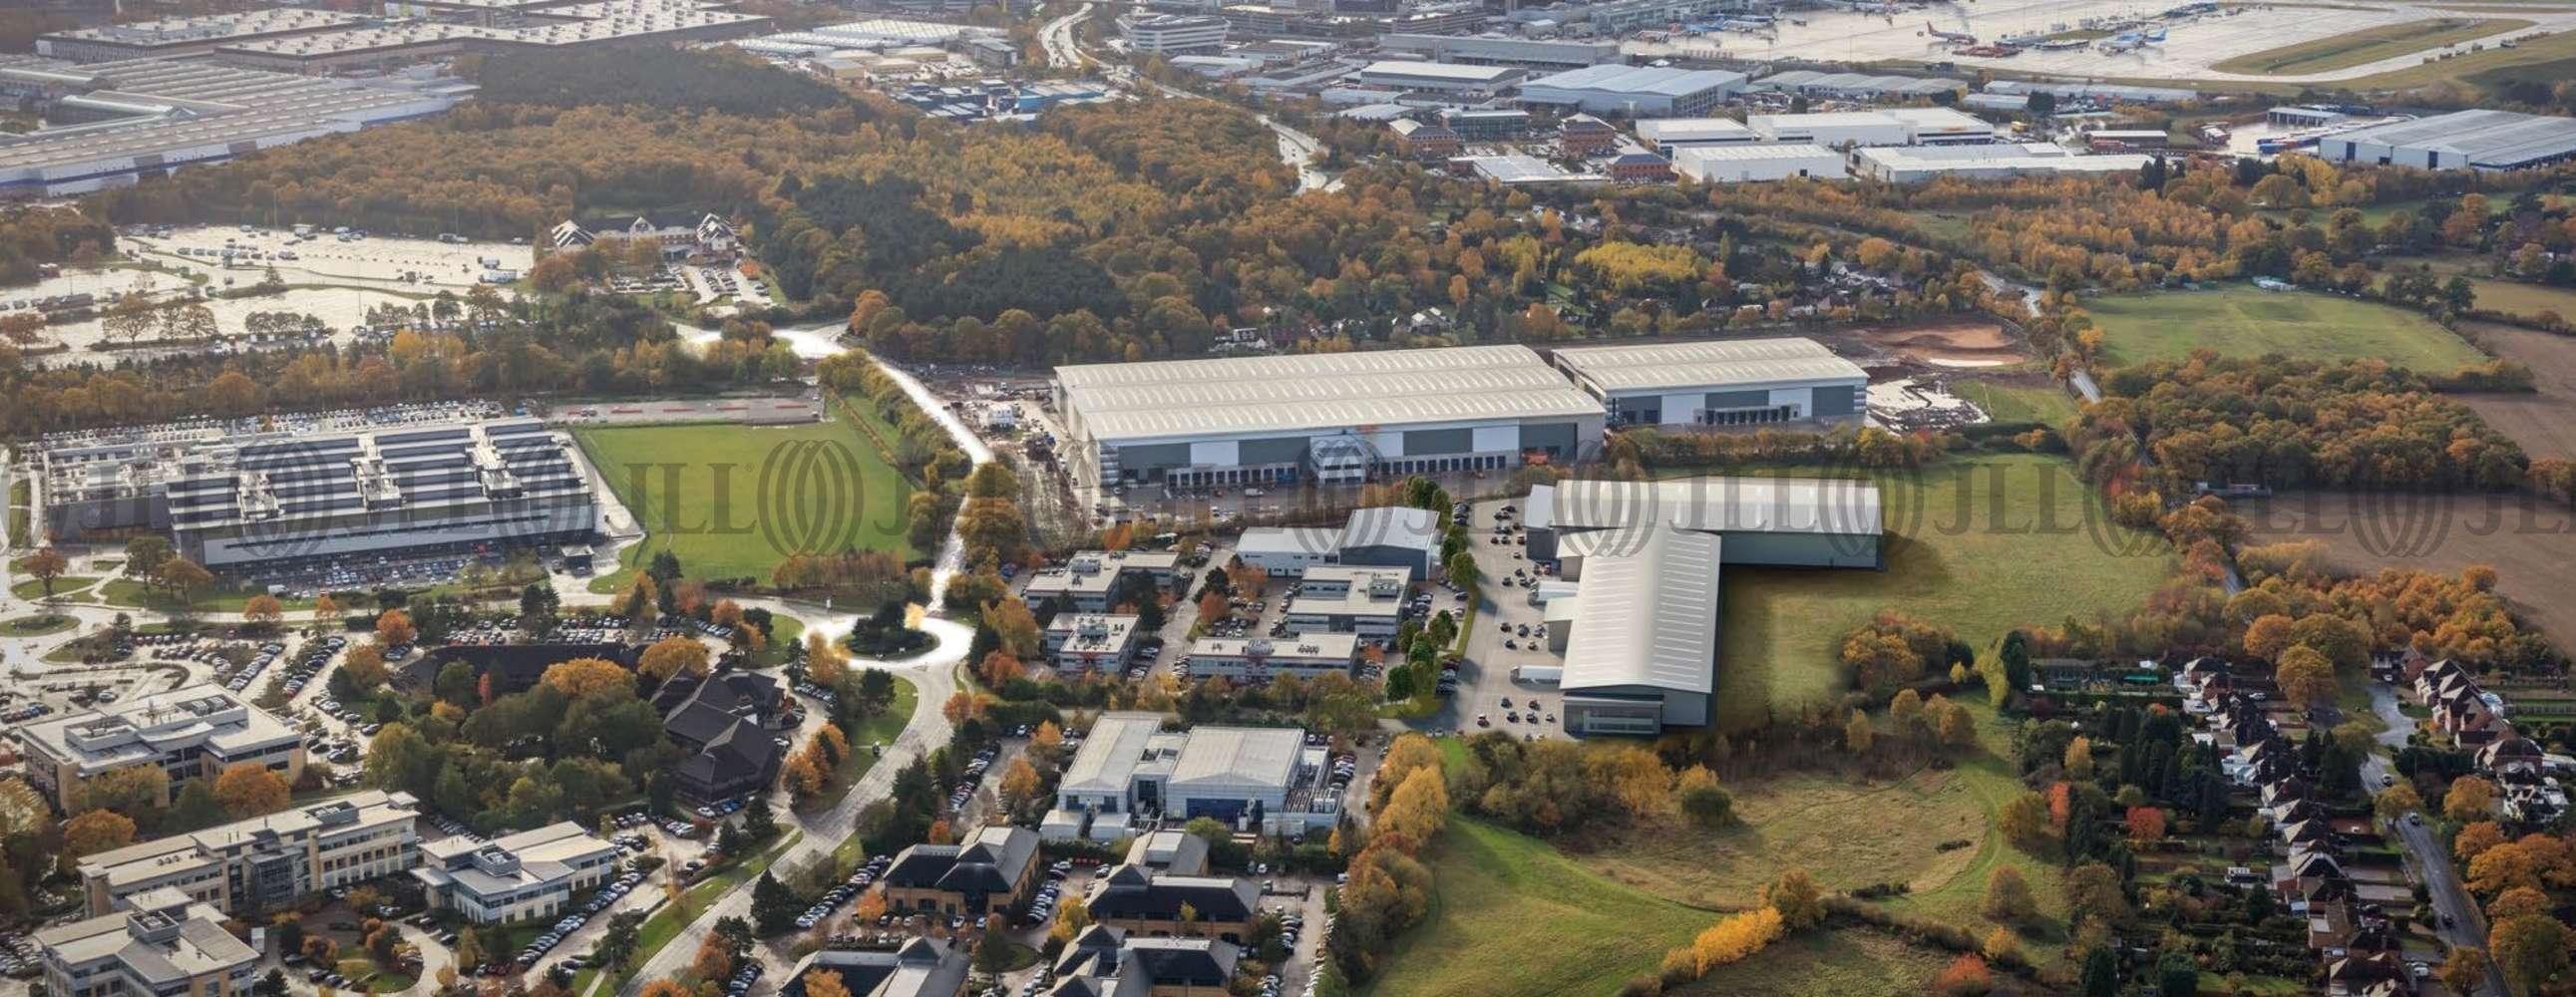 Industrial Birmingham, B37 7YN - Radial Park - 2